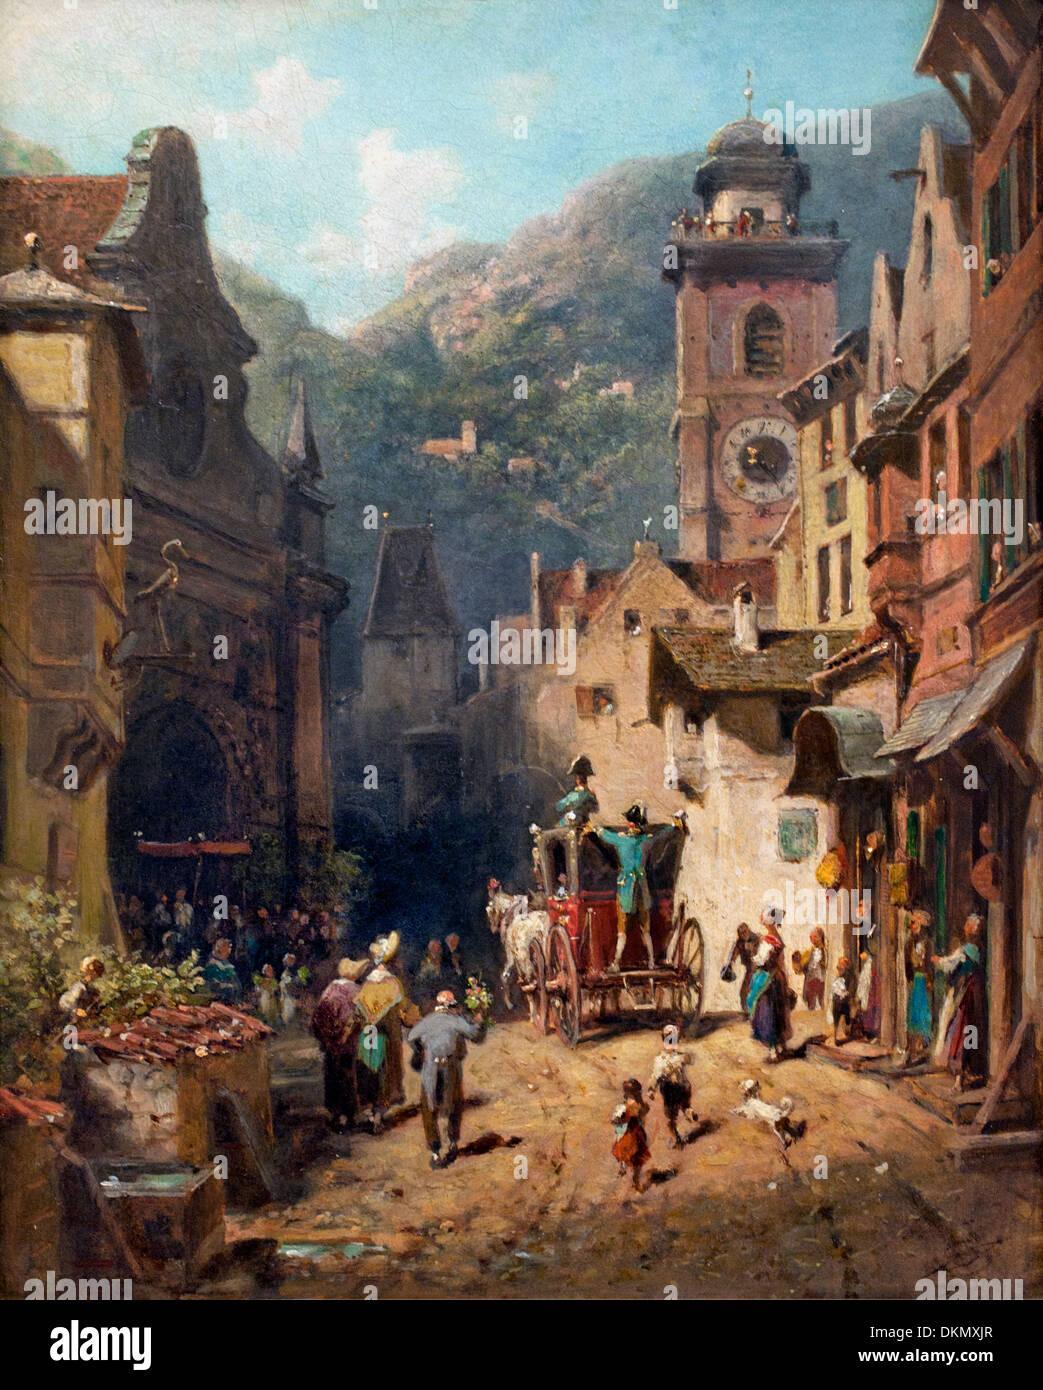 La visita del Príncipe local 1870 Carl Spitzweg 1808-1885 alemán Alemania Imagen De Stock